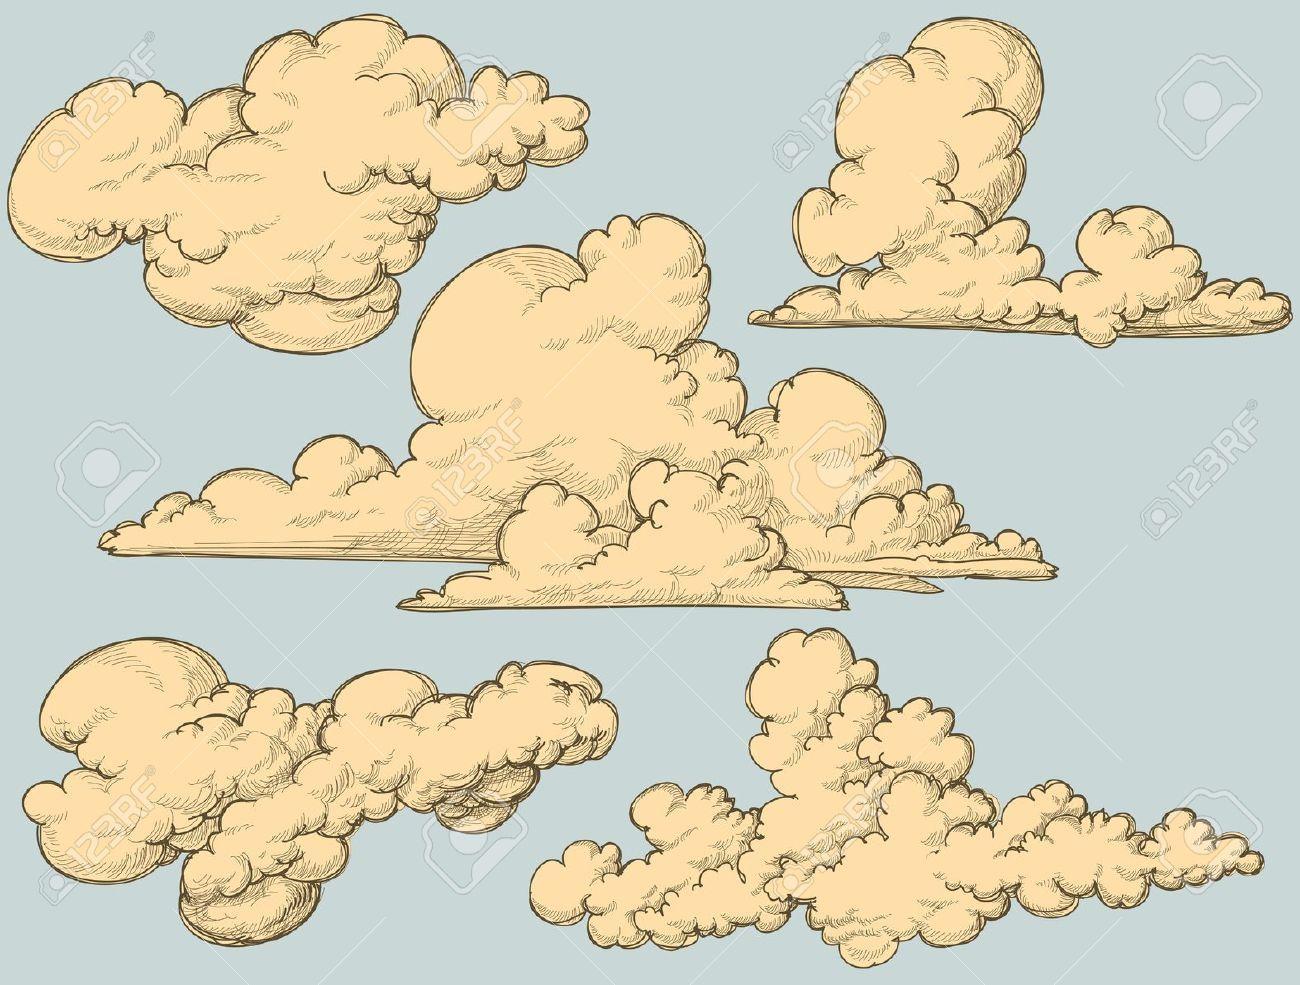 Vintage Clouds Cloud Illustration Cloud Drawing Cloud Vector